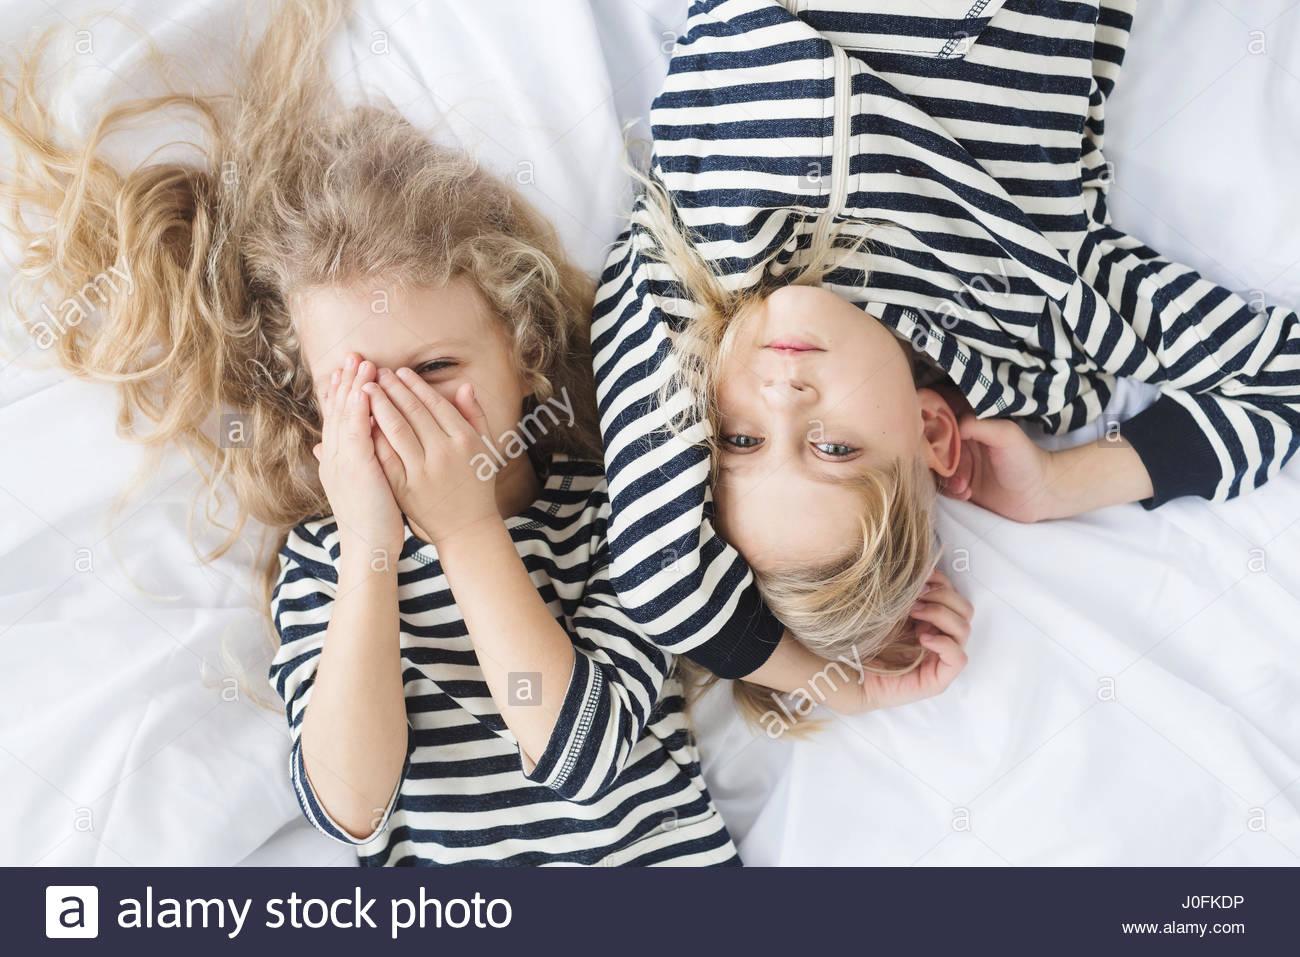 Mädchen mit weißen lockiges Haar in eine gestreifte Weste und ein Junge mit blonden Haaren in einem gestreiften Stockbild